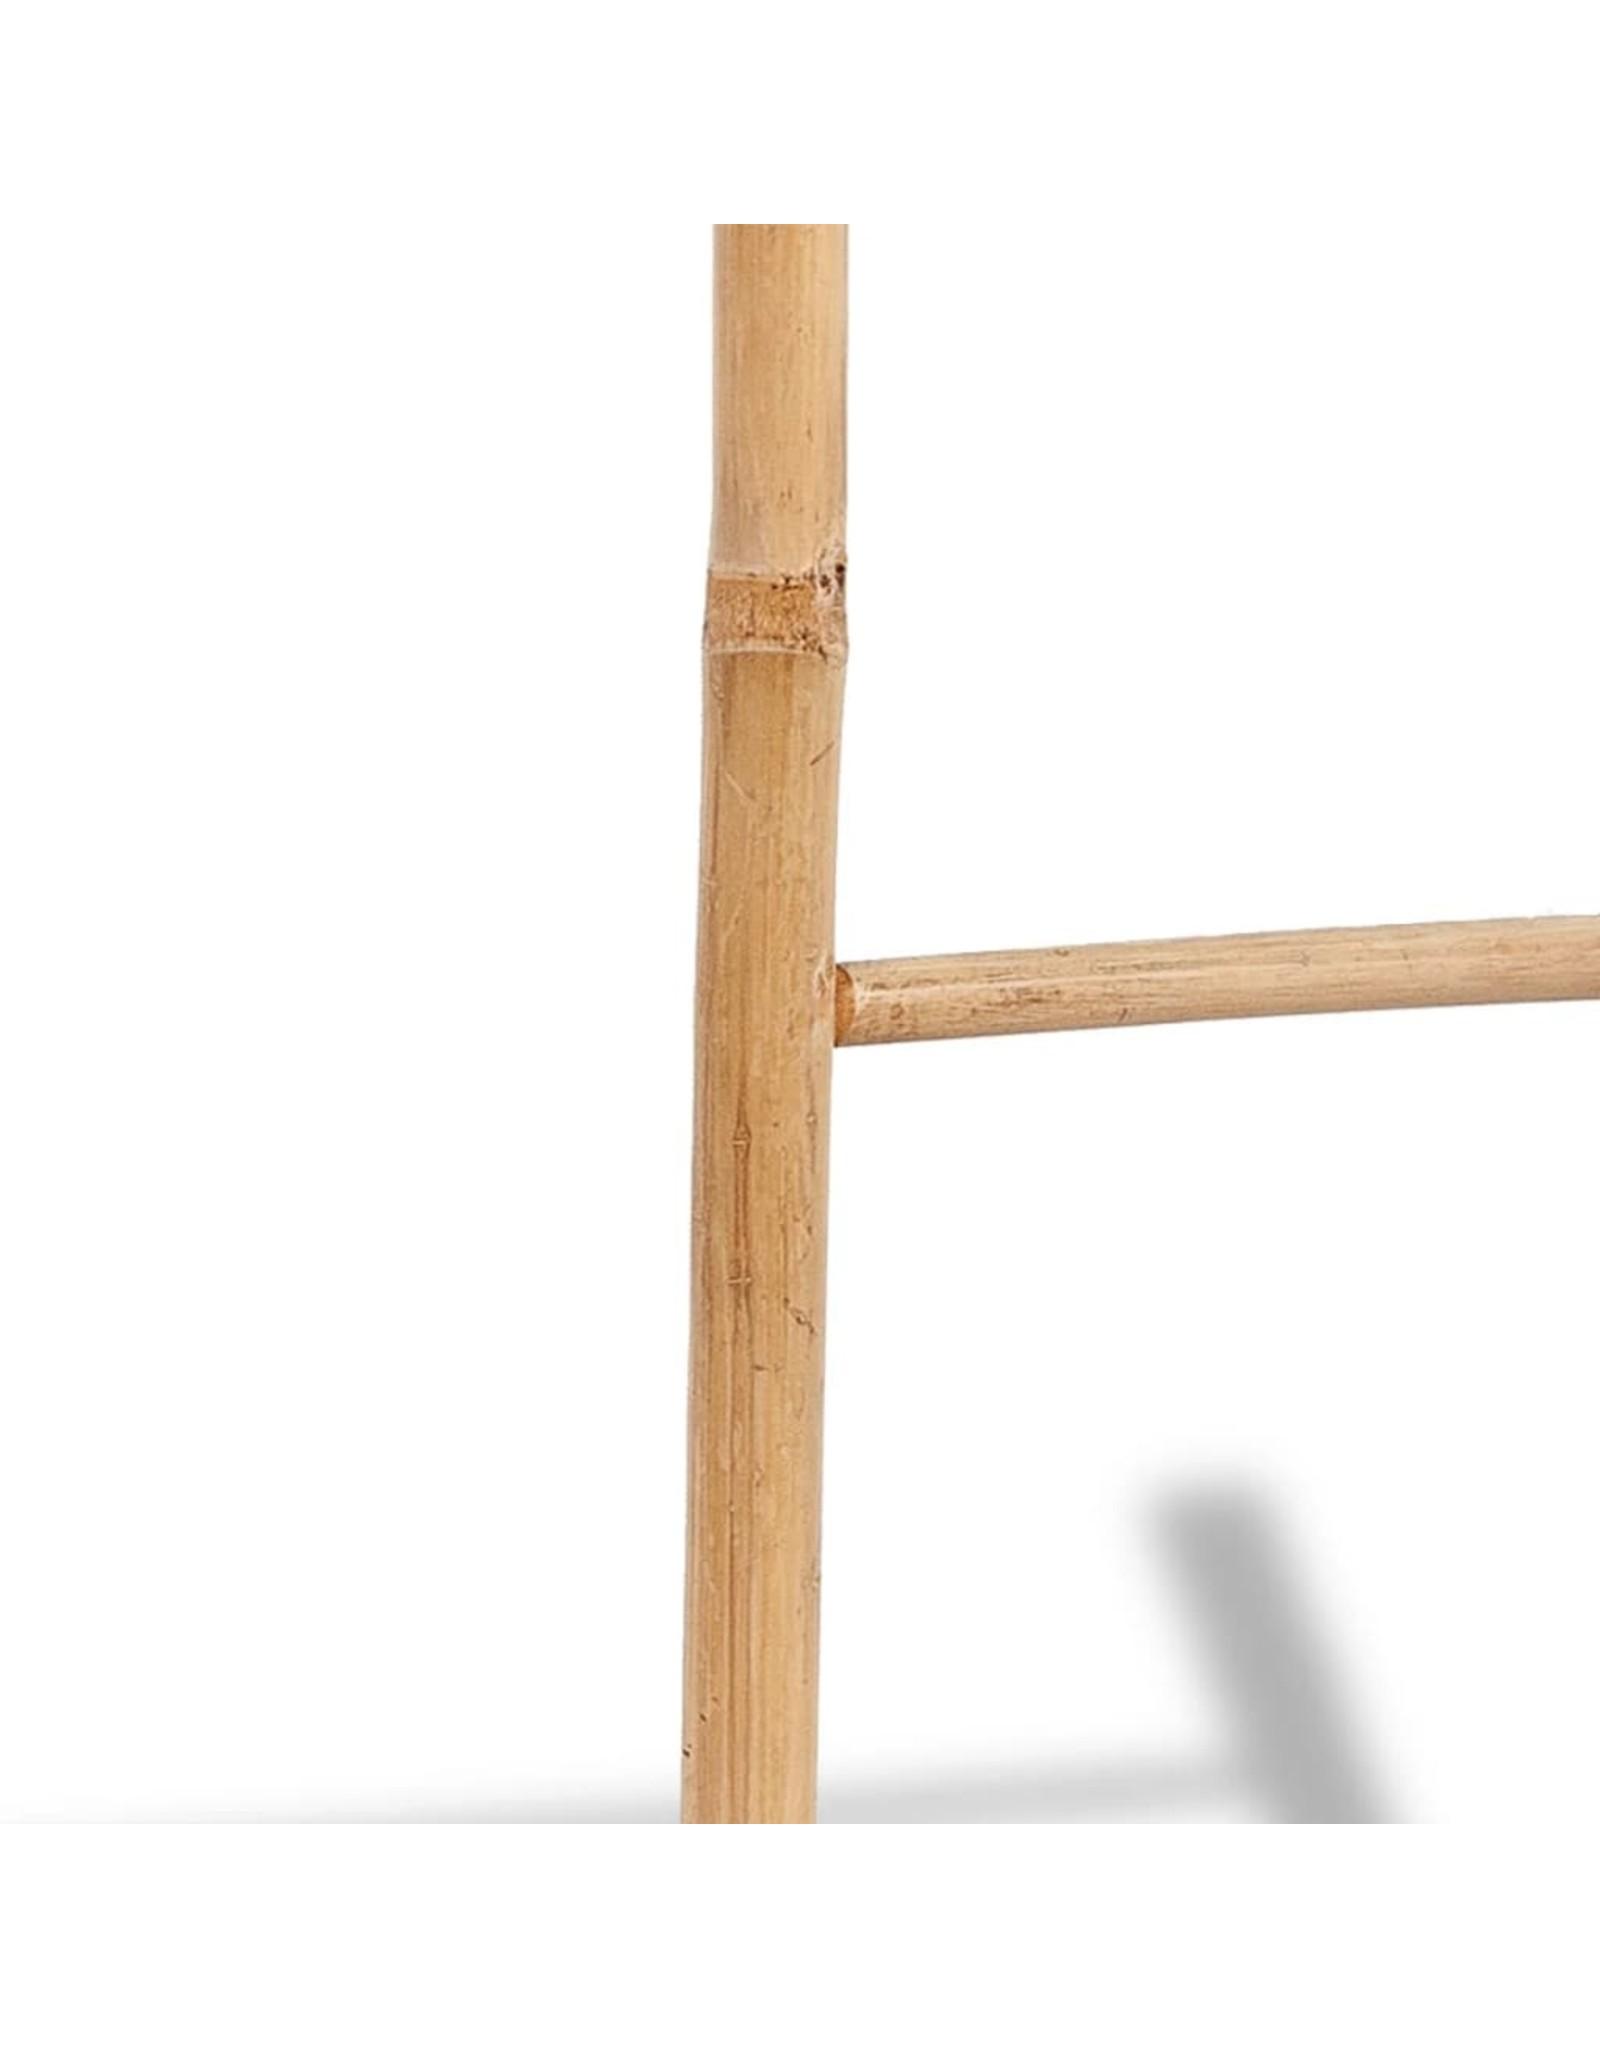 Handdoekenladder met 6 sporten bamboe